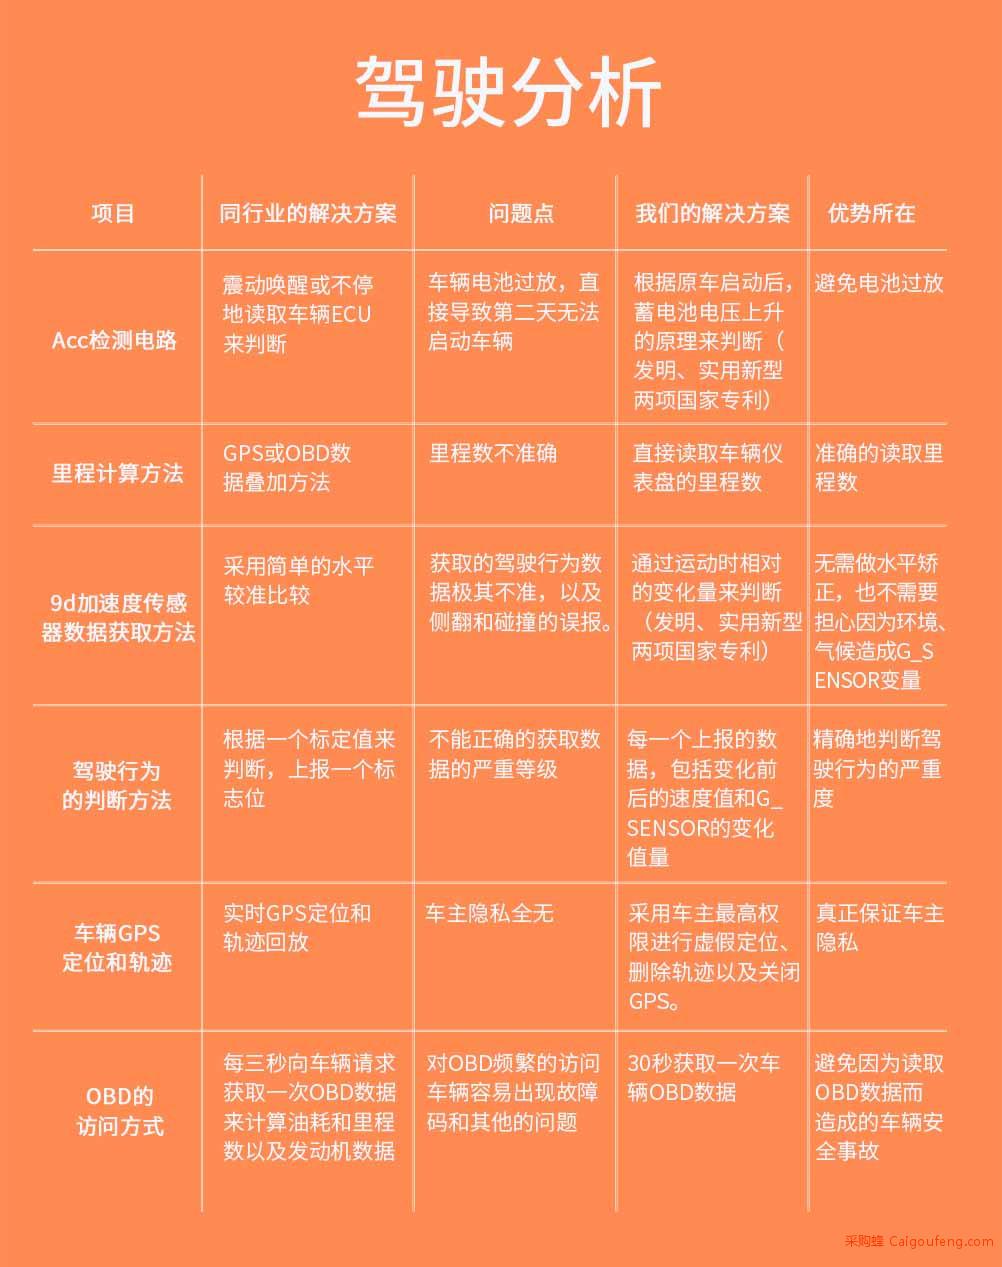 4G系列-4G全网通OBD 14.jpg